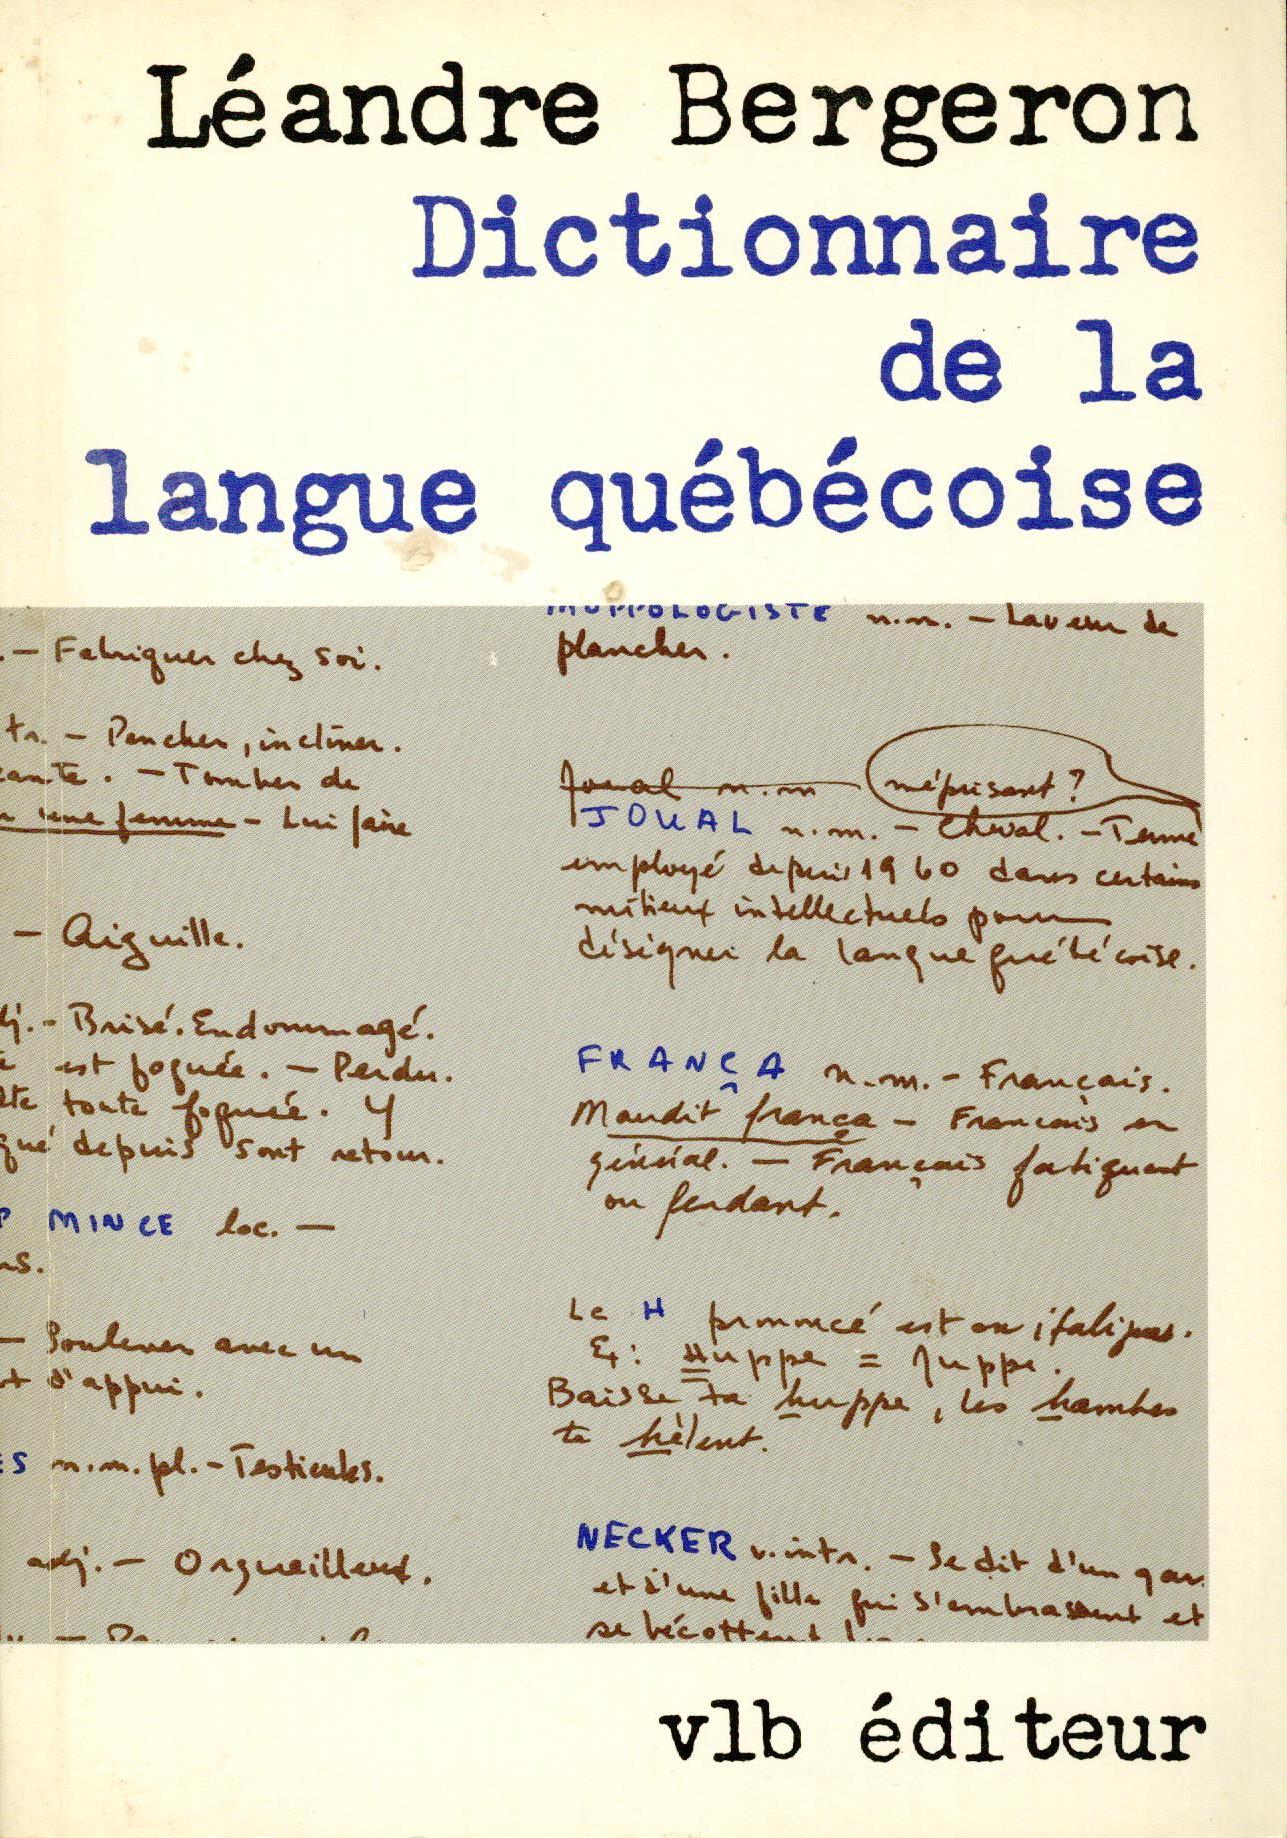 Dictionnaire 1980